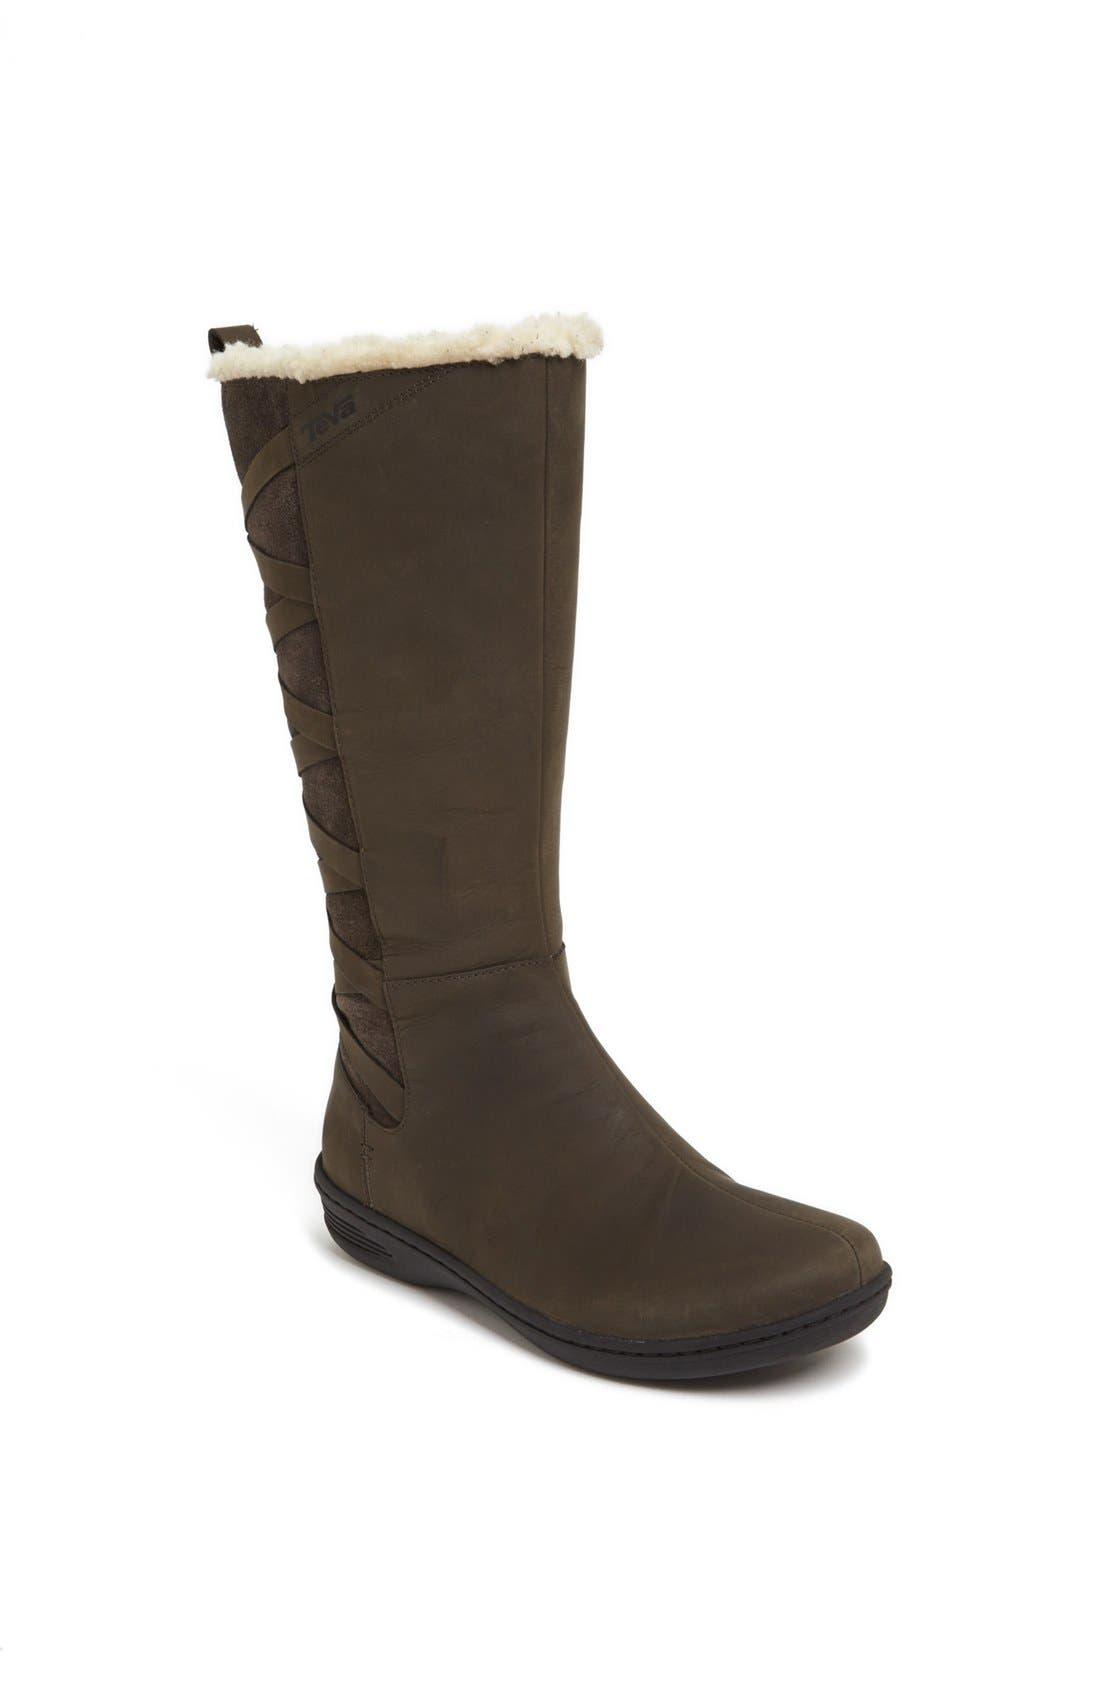 Alternate Image 1 Selected - Teva 'Figueroa' Waterproof Boot